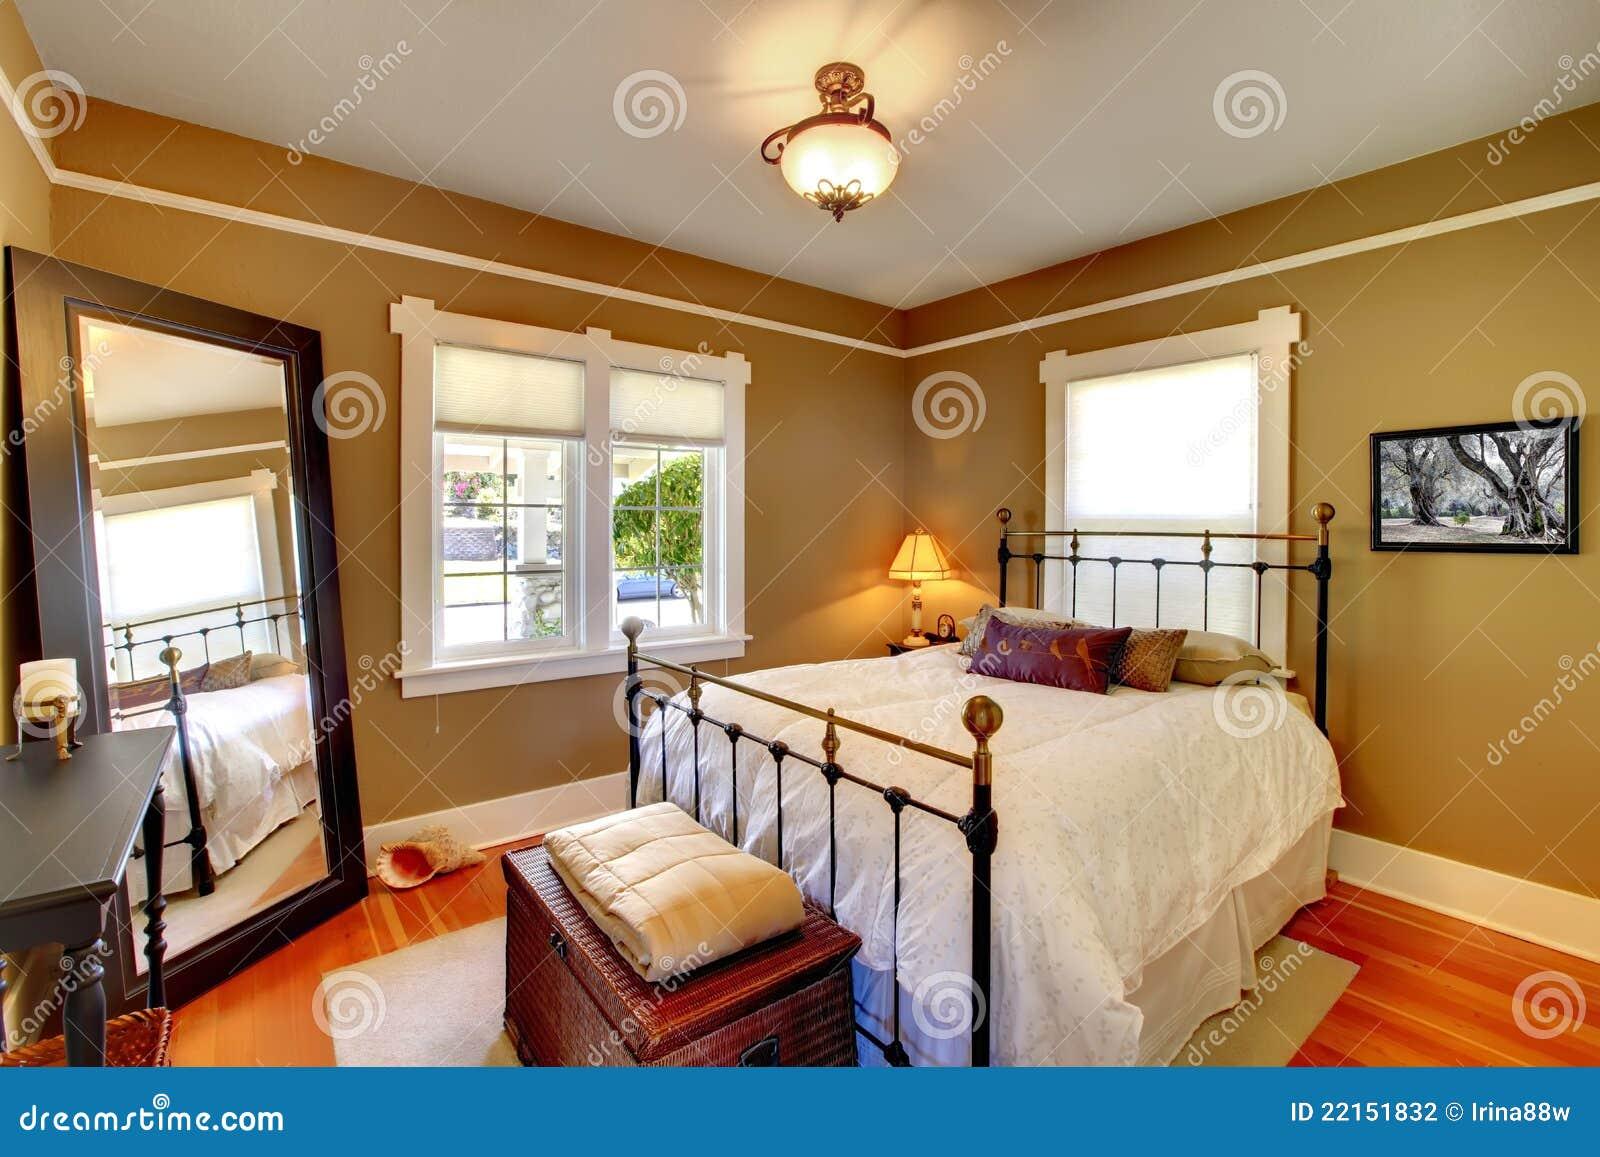 Interiore della camera da letto con le pareti dorate for Design della camera da letto